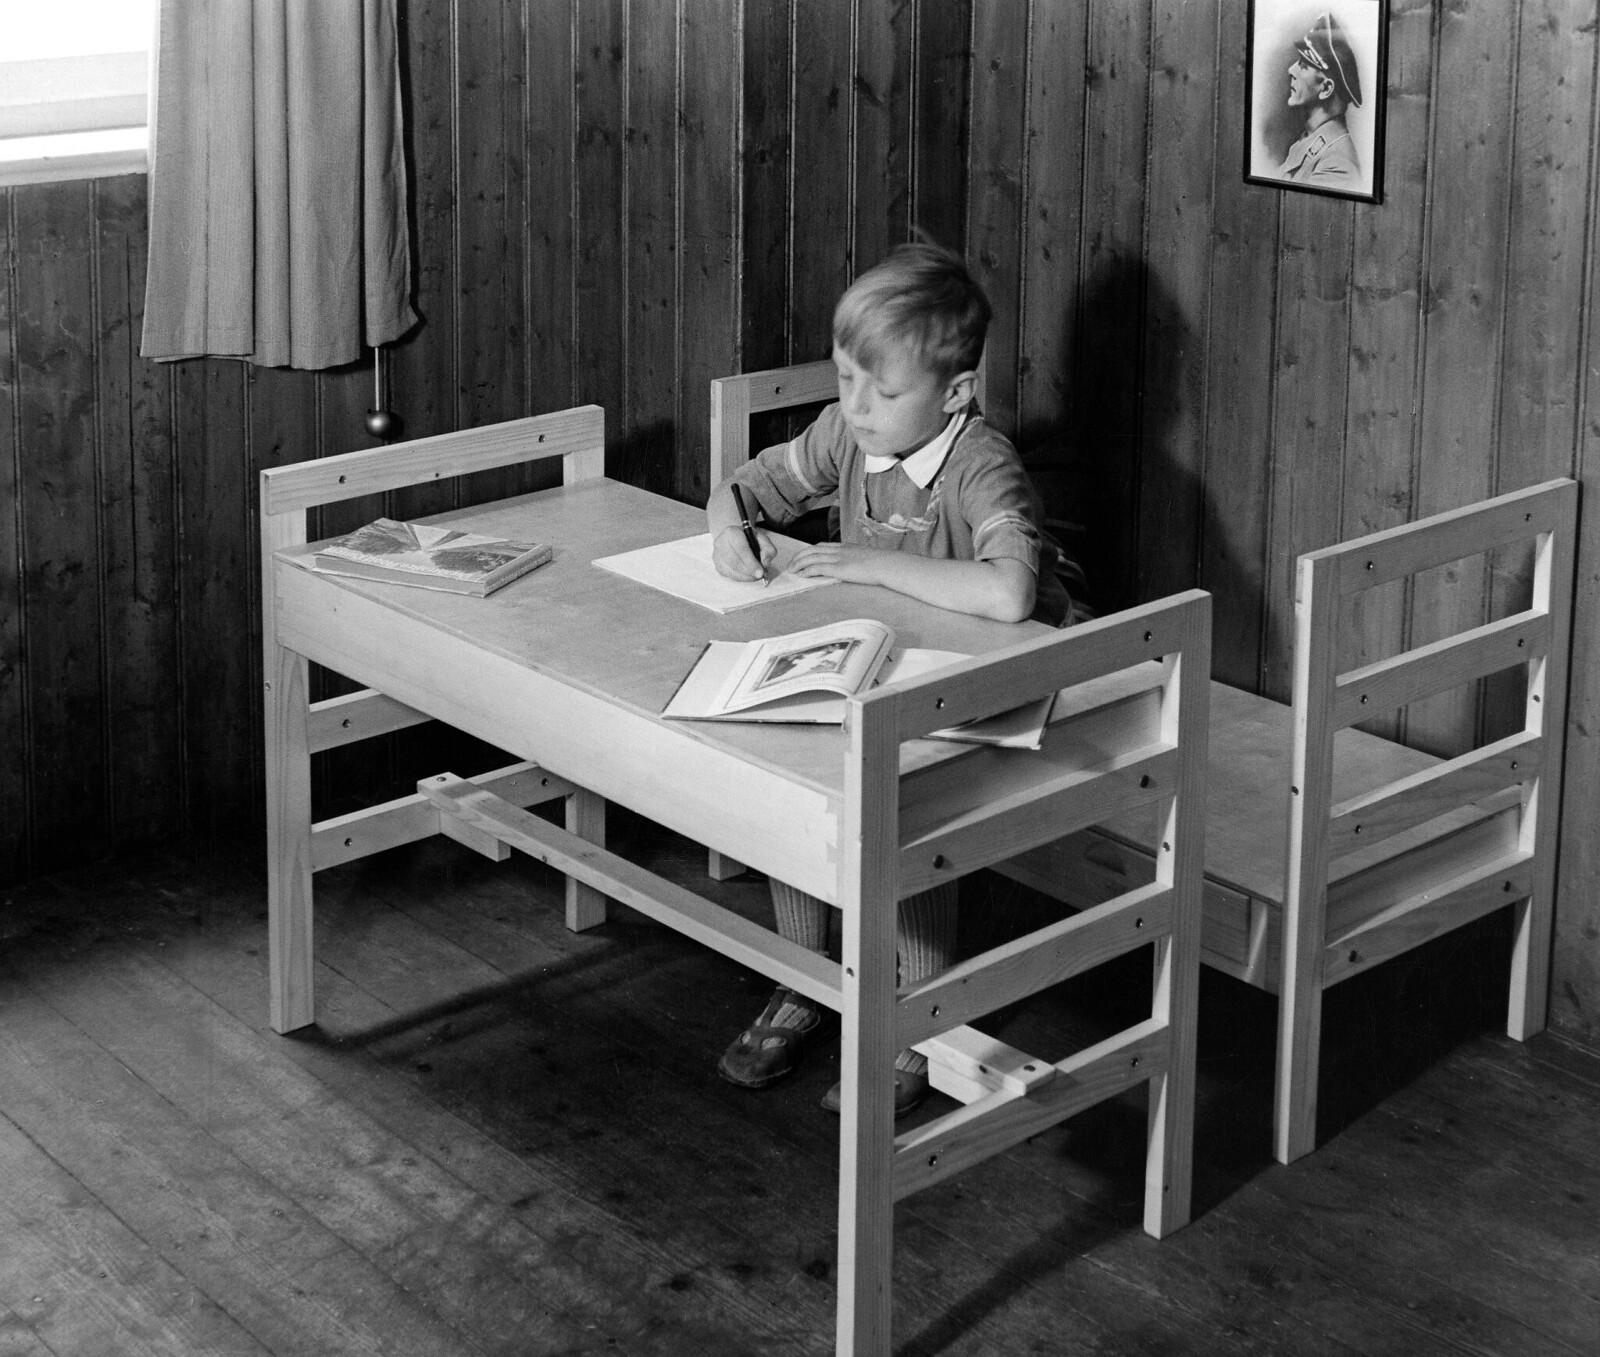 07. Трансформируемая детская кровать. Мальчик делает домашнее задание